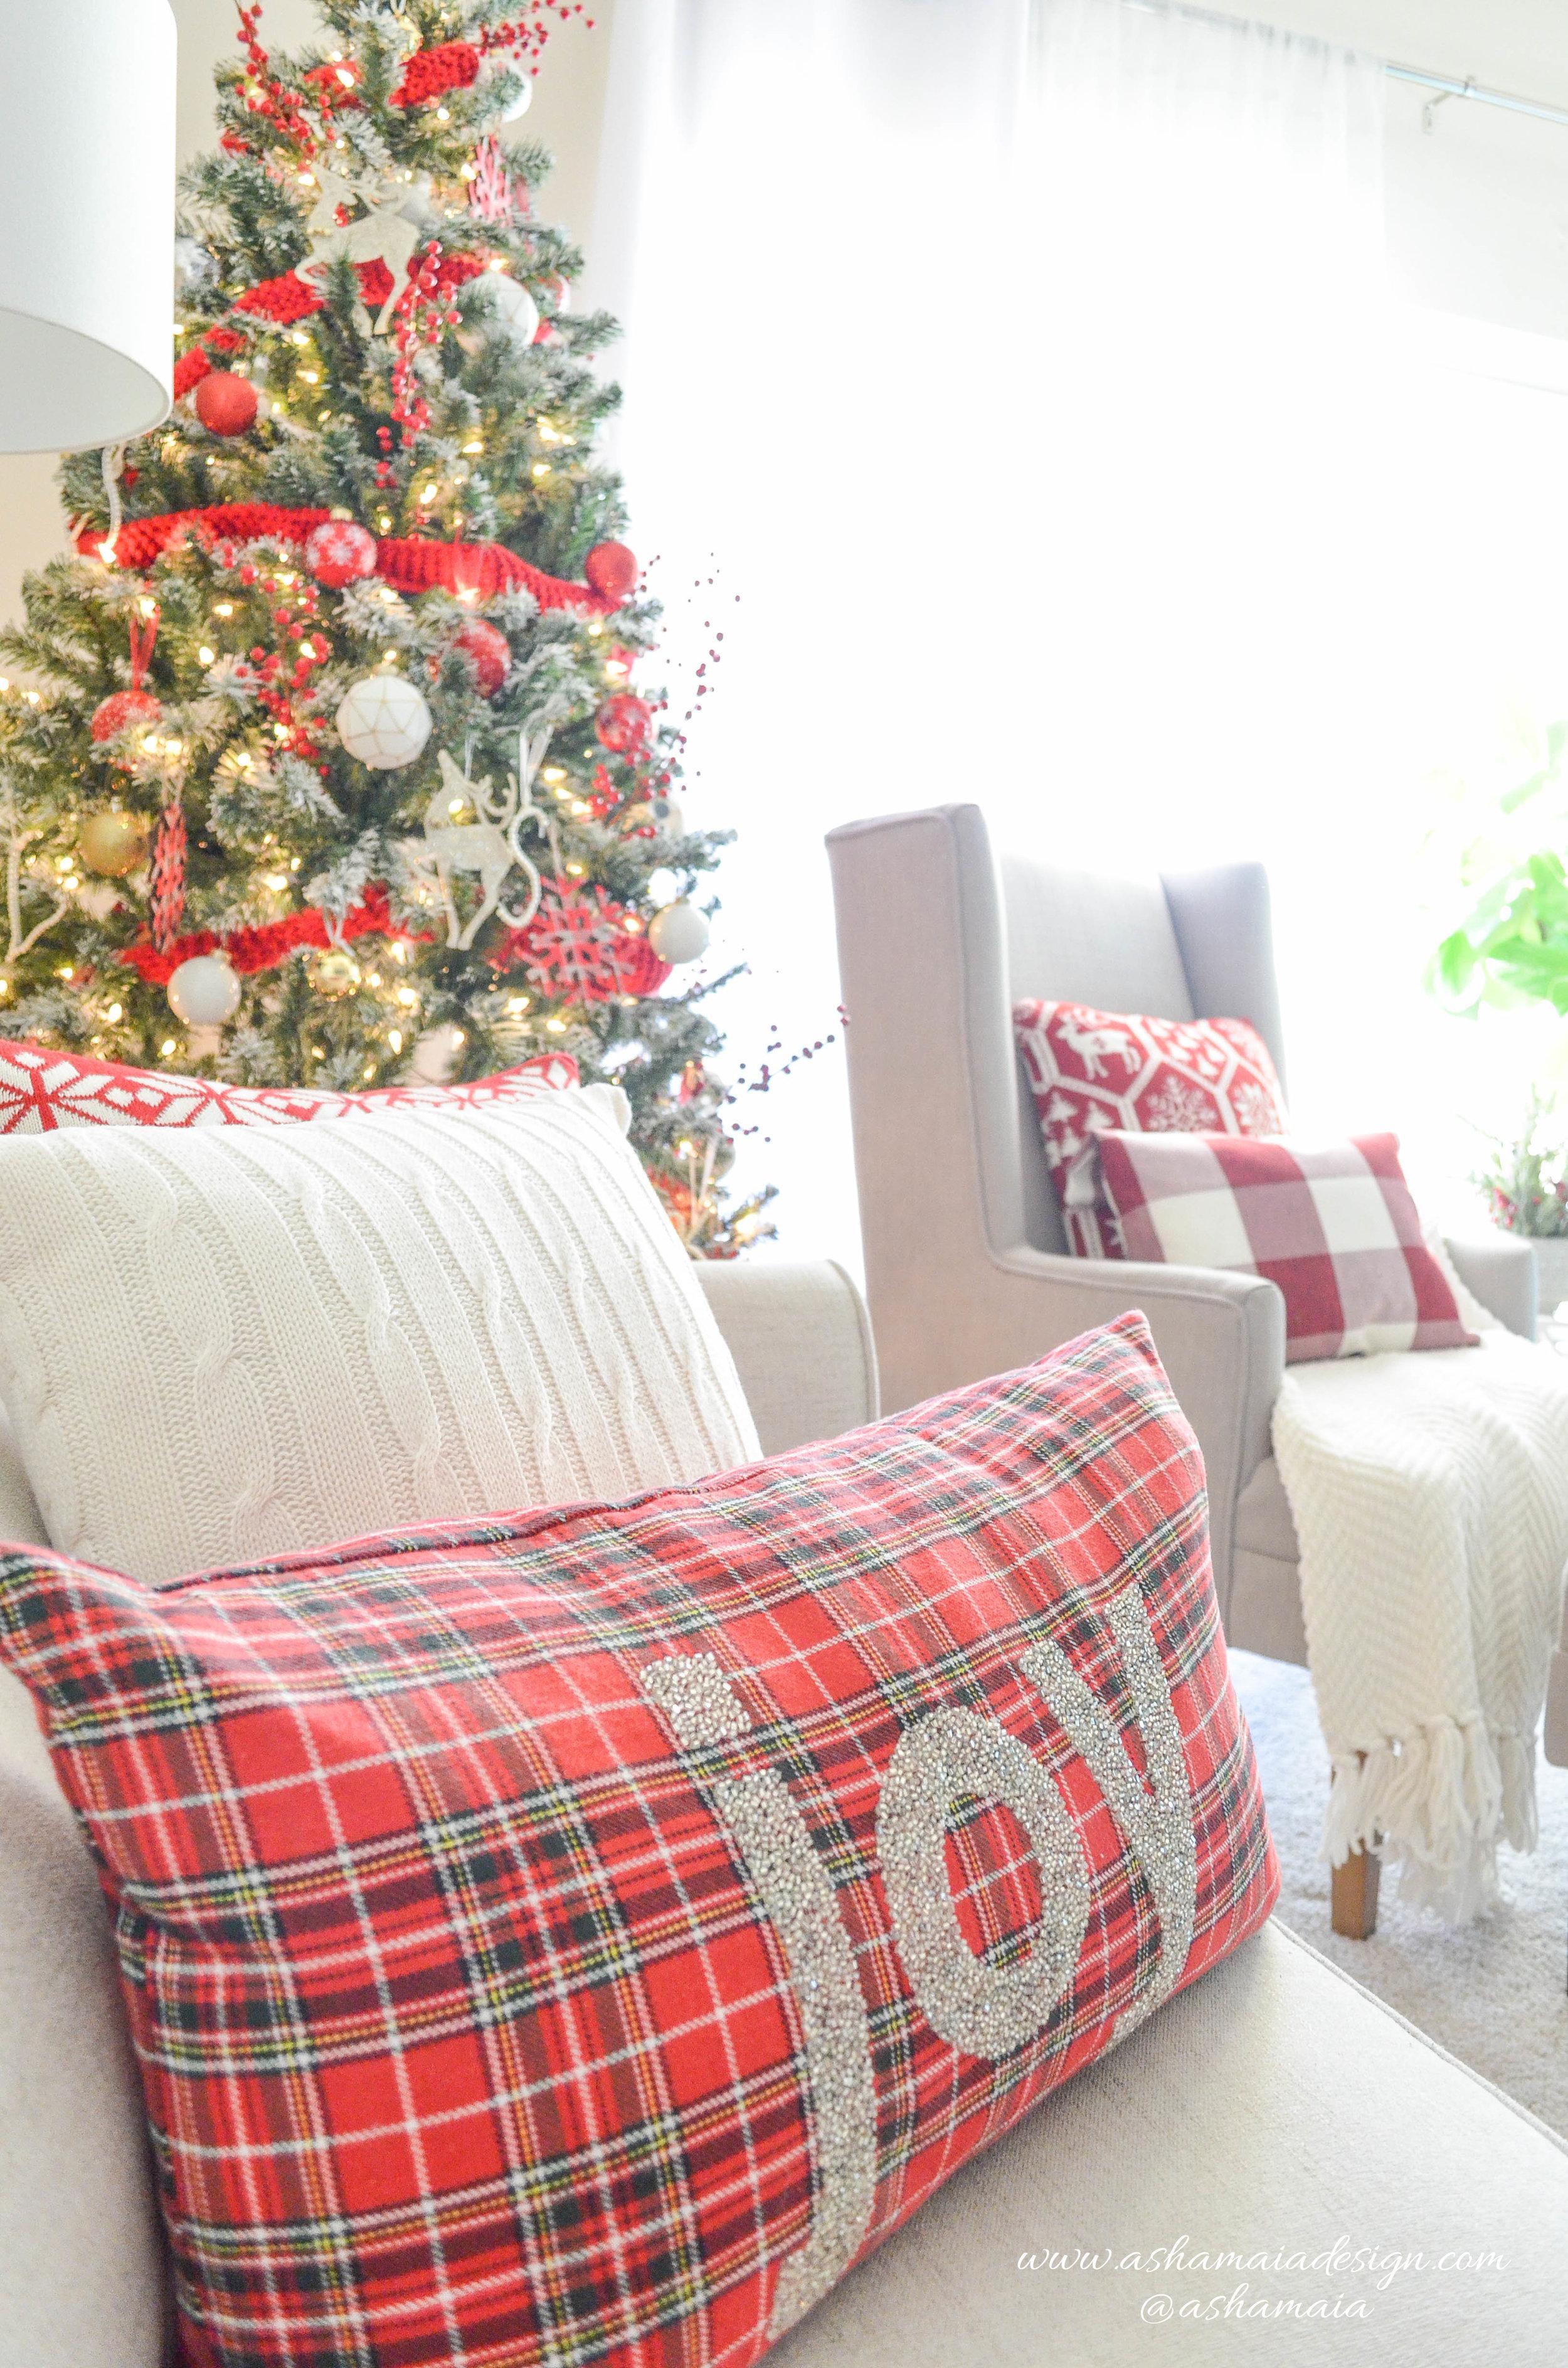 Warm & Cozy Christmas Living Room Decor with Red Buffalo Check Throw, Christmas Sweater Throw Pillows and Christmas Tree